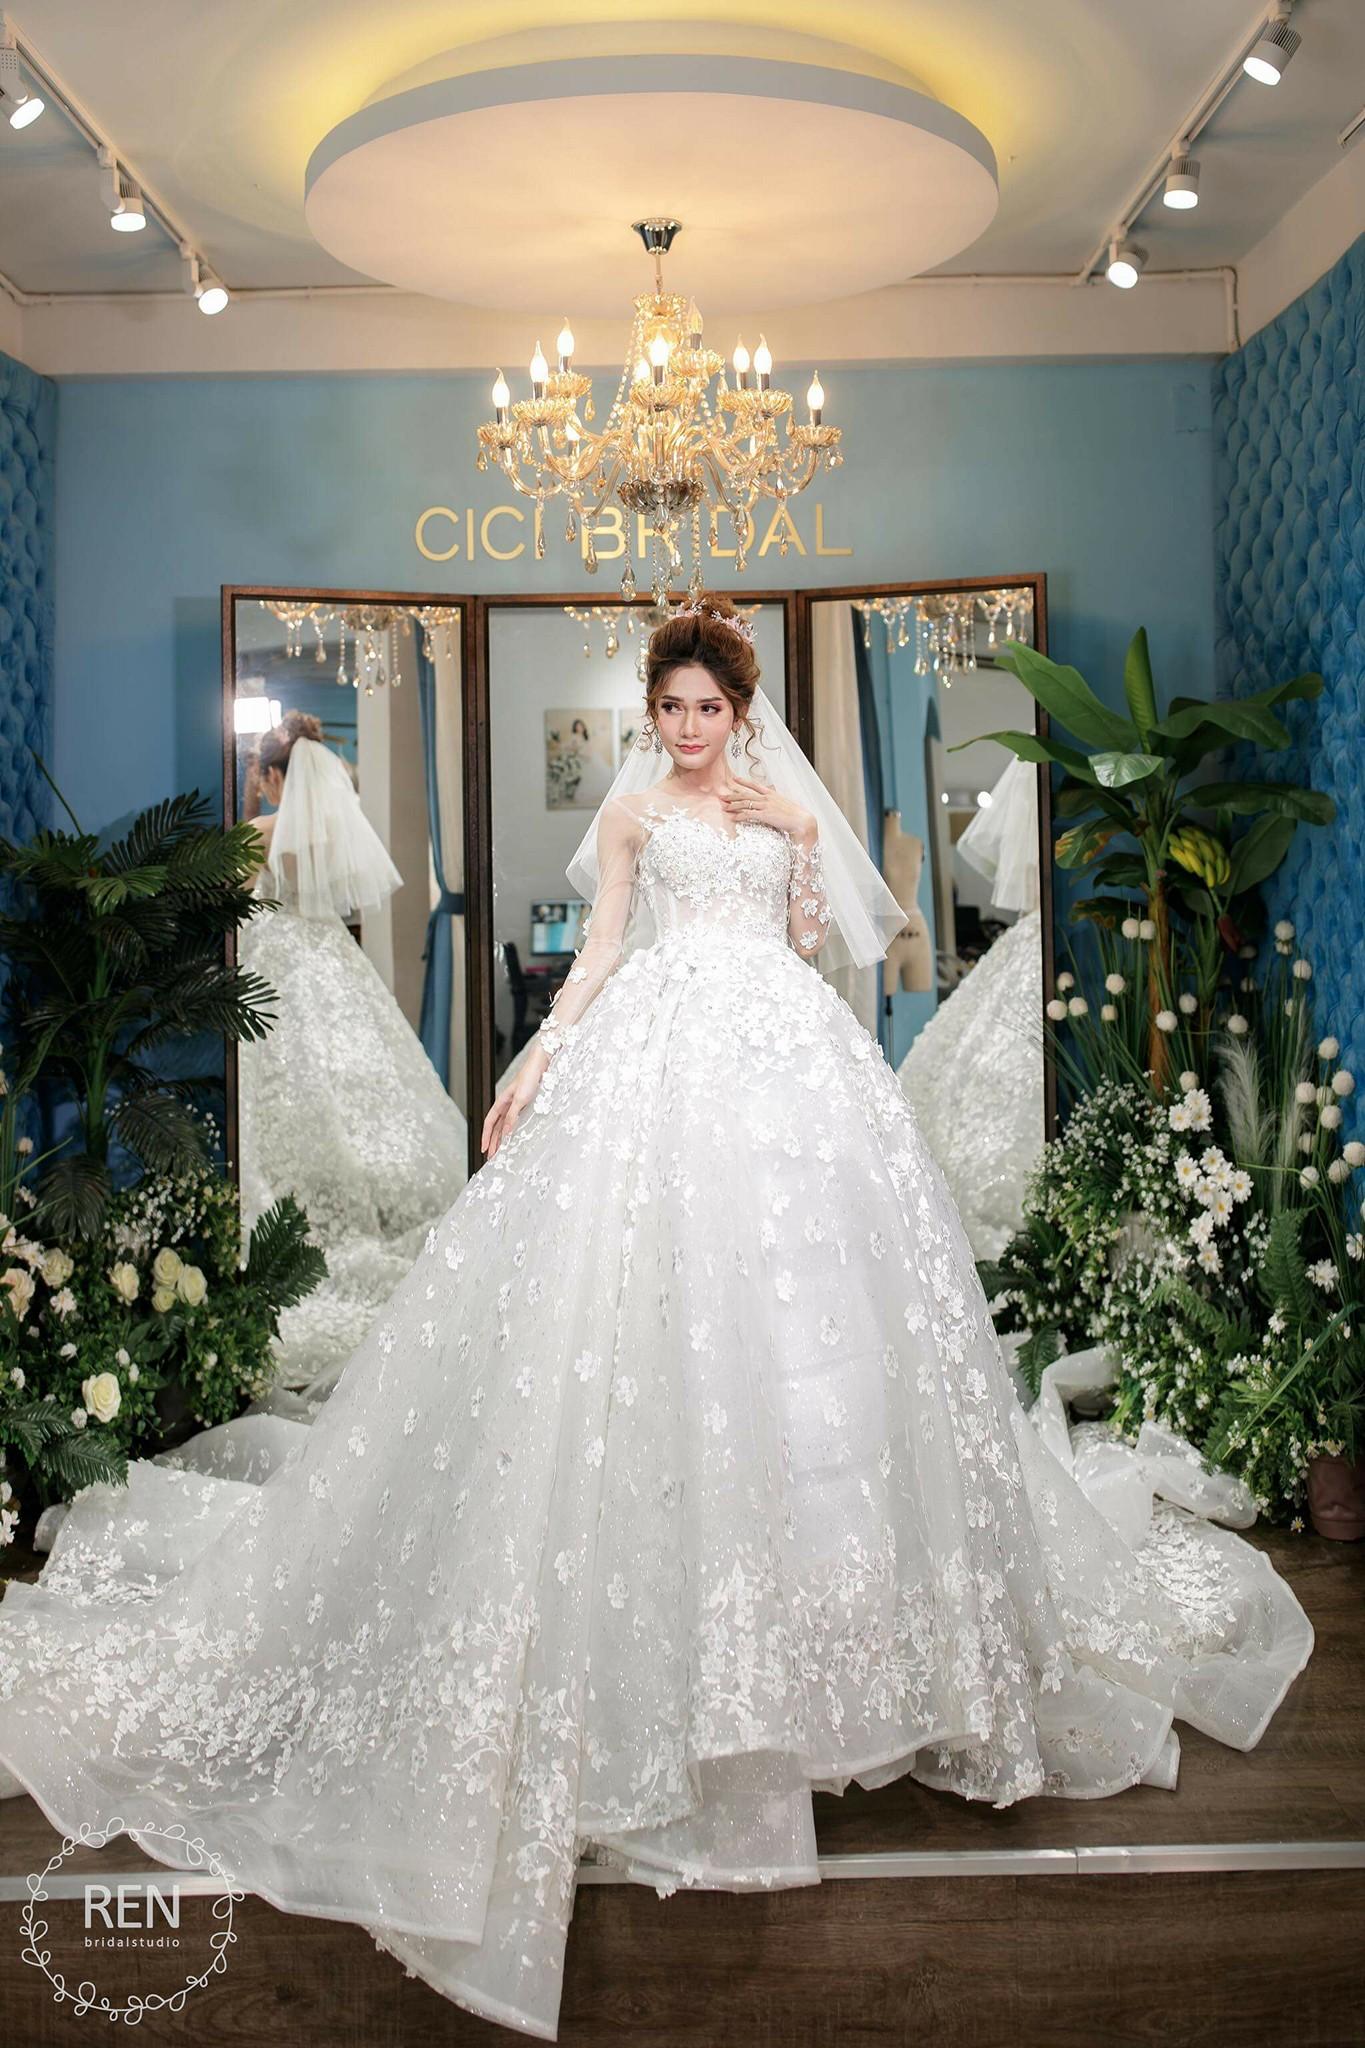 Mẫu chụp ảnh cô dâu đơn đẹp